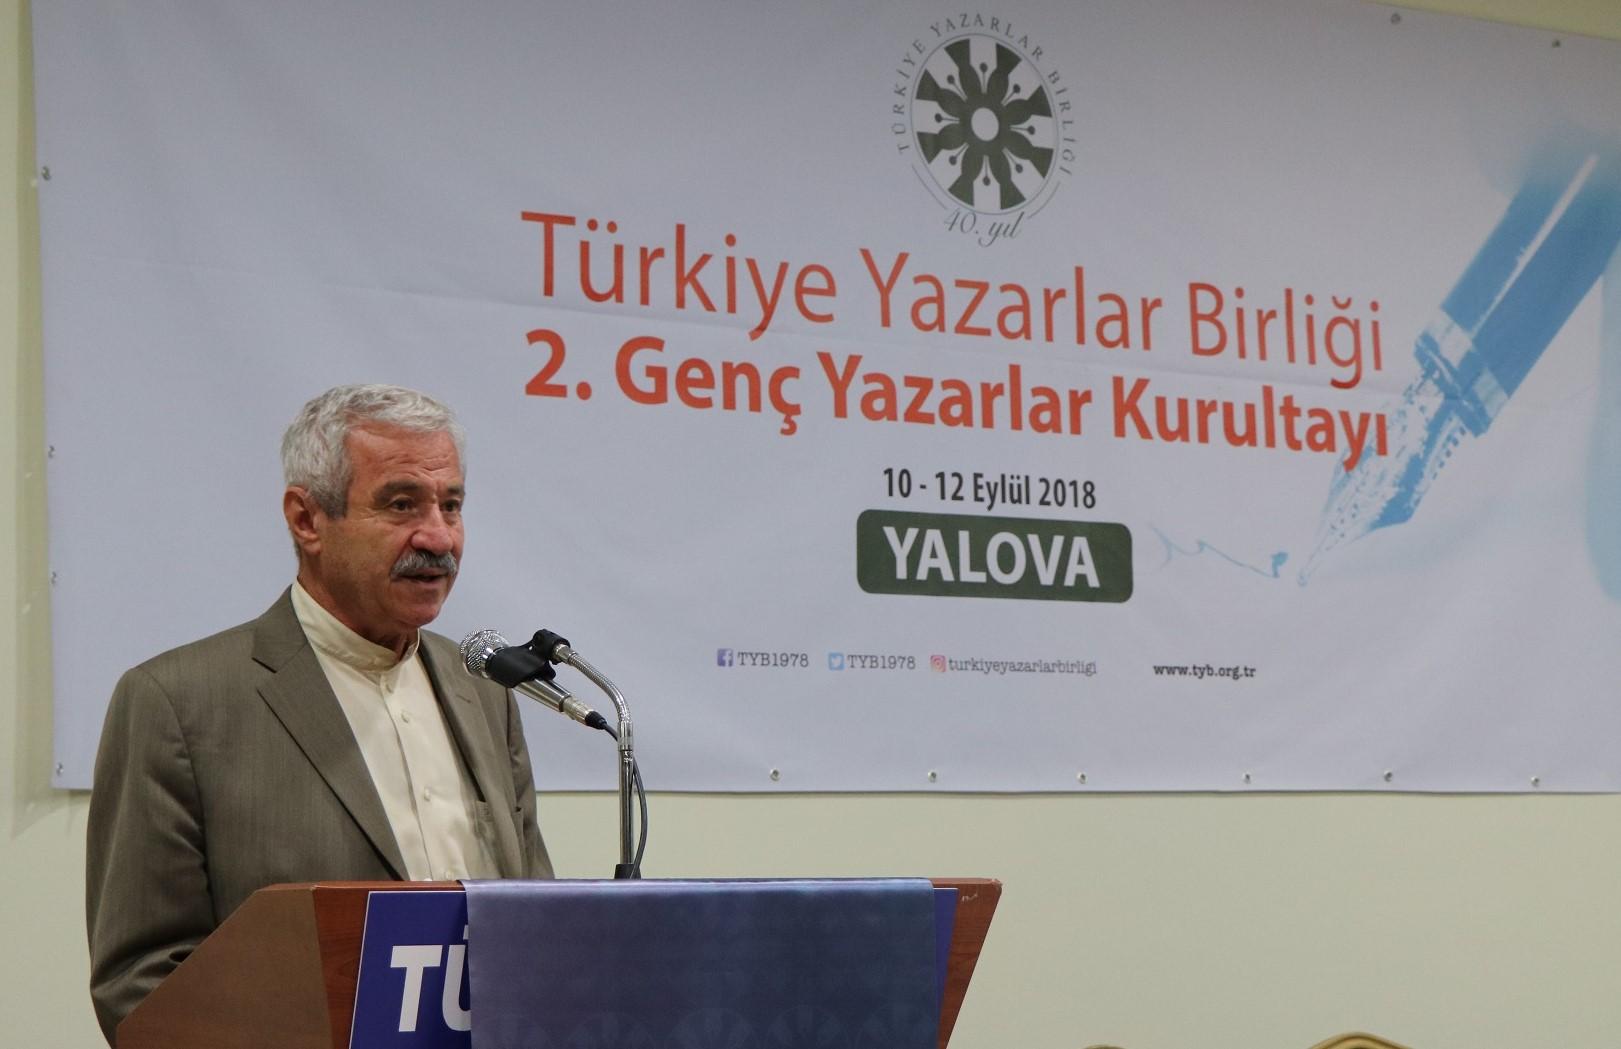 D. Mehmet Doğan: Kayıp şehrin şairi: Yahya Kemal